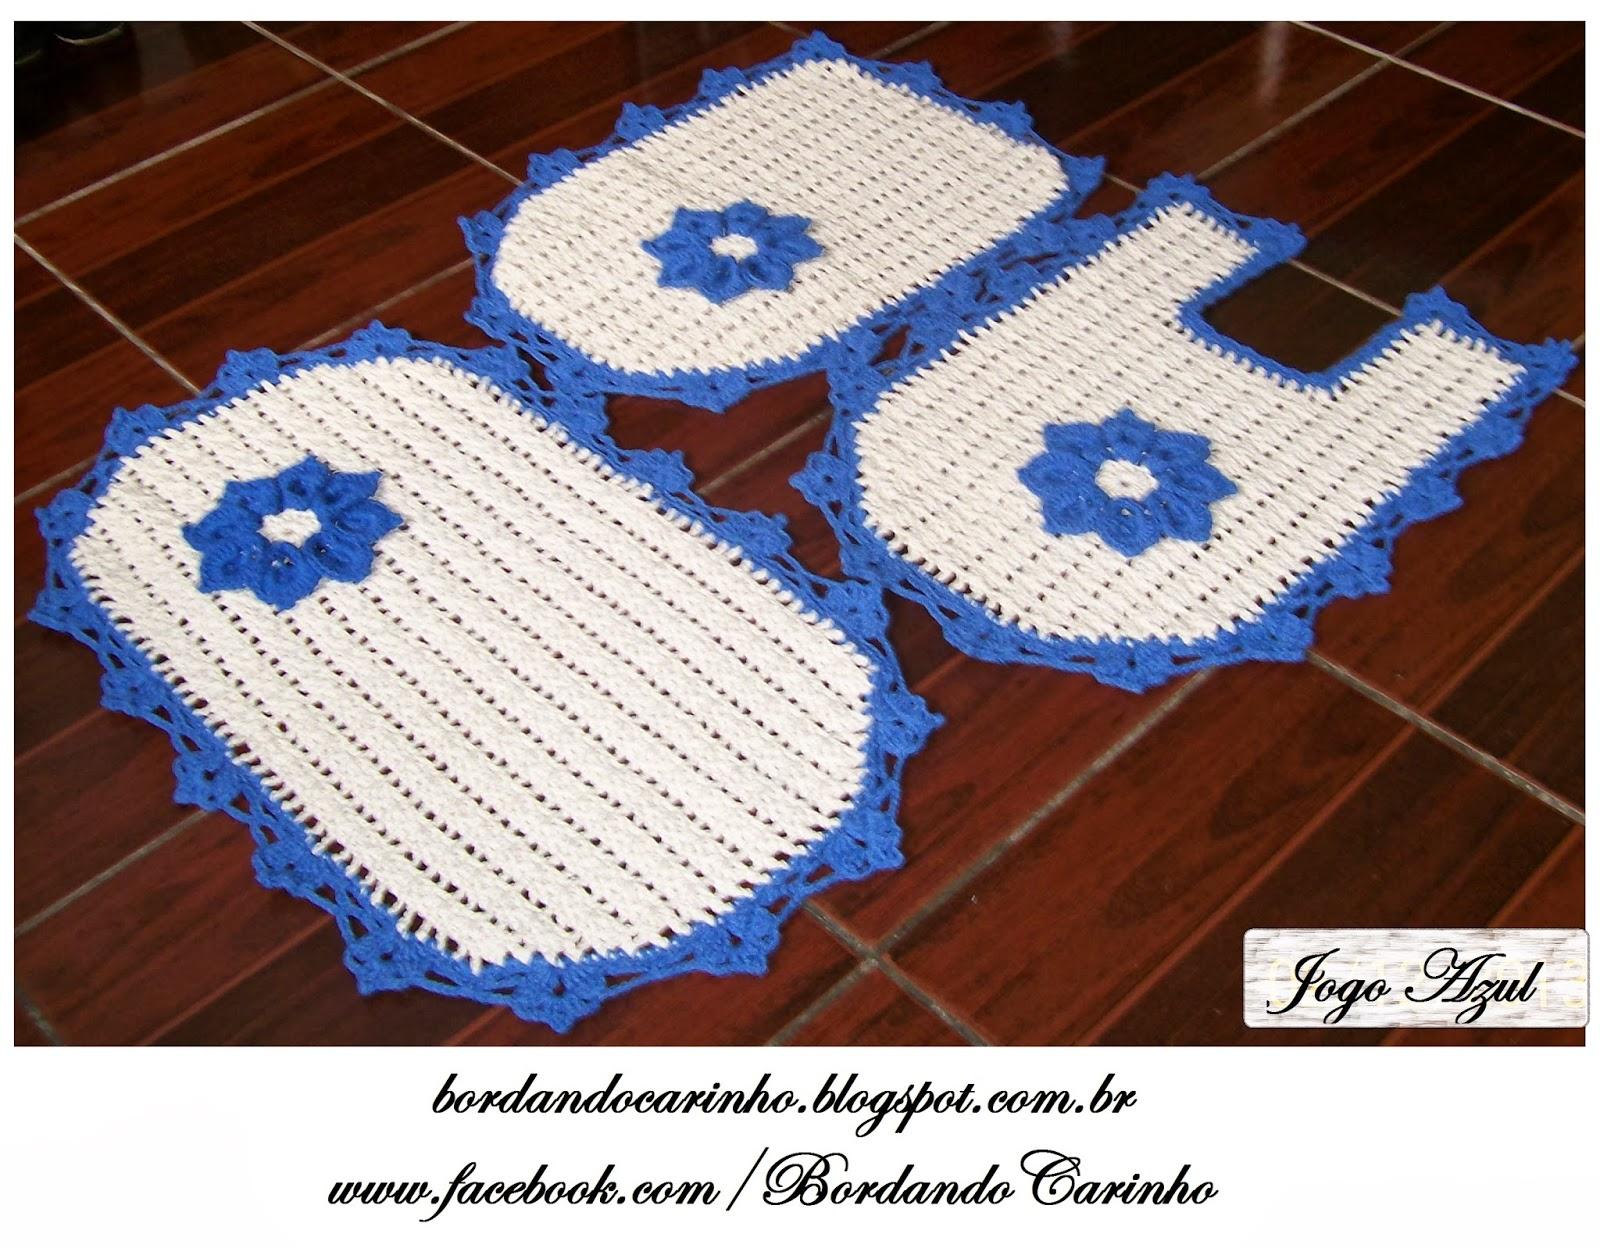 Jogo De Banheiro Azul Em Croche : Bordando carinho jogo de banheiro azul em croch? com